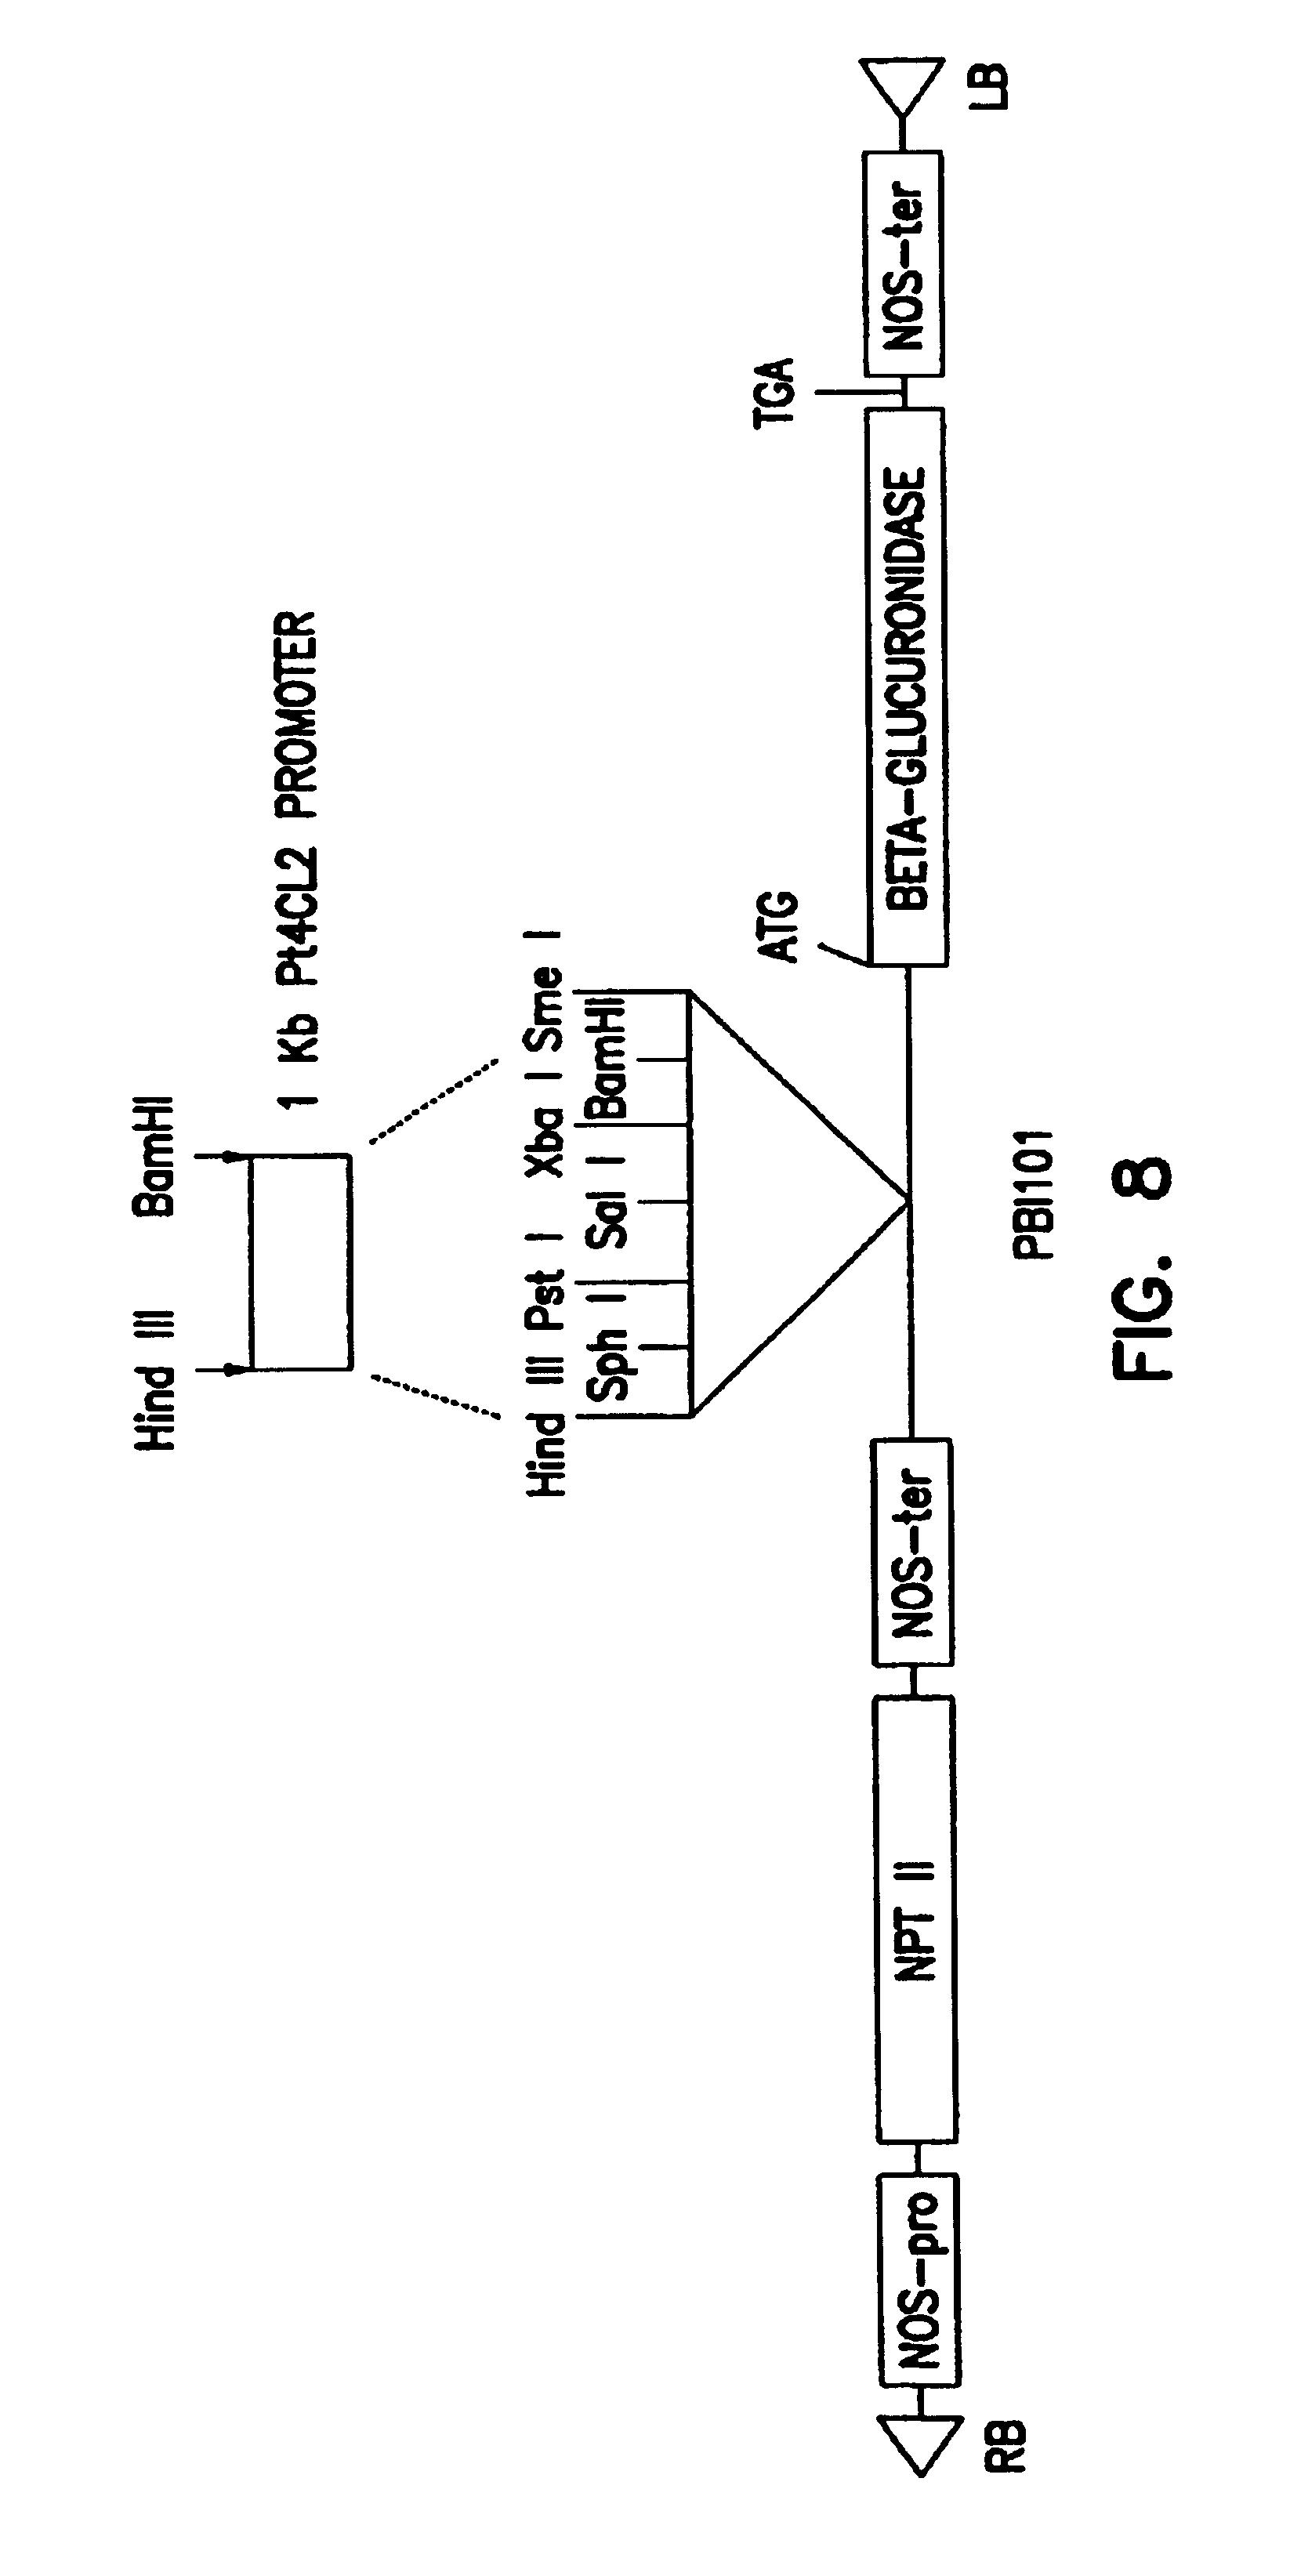 patent us6969784